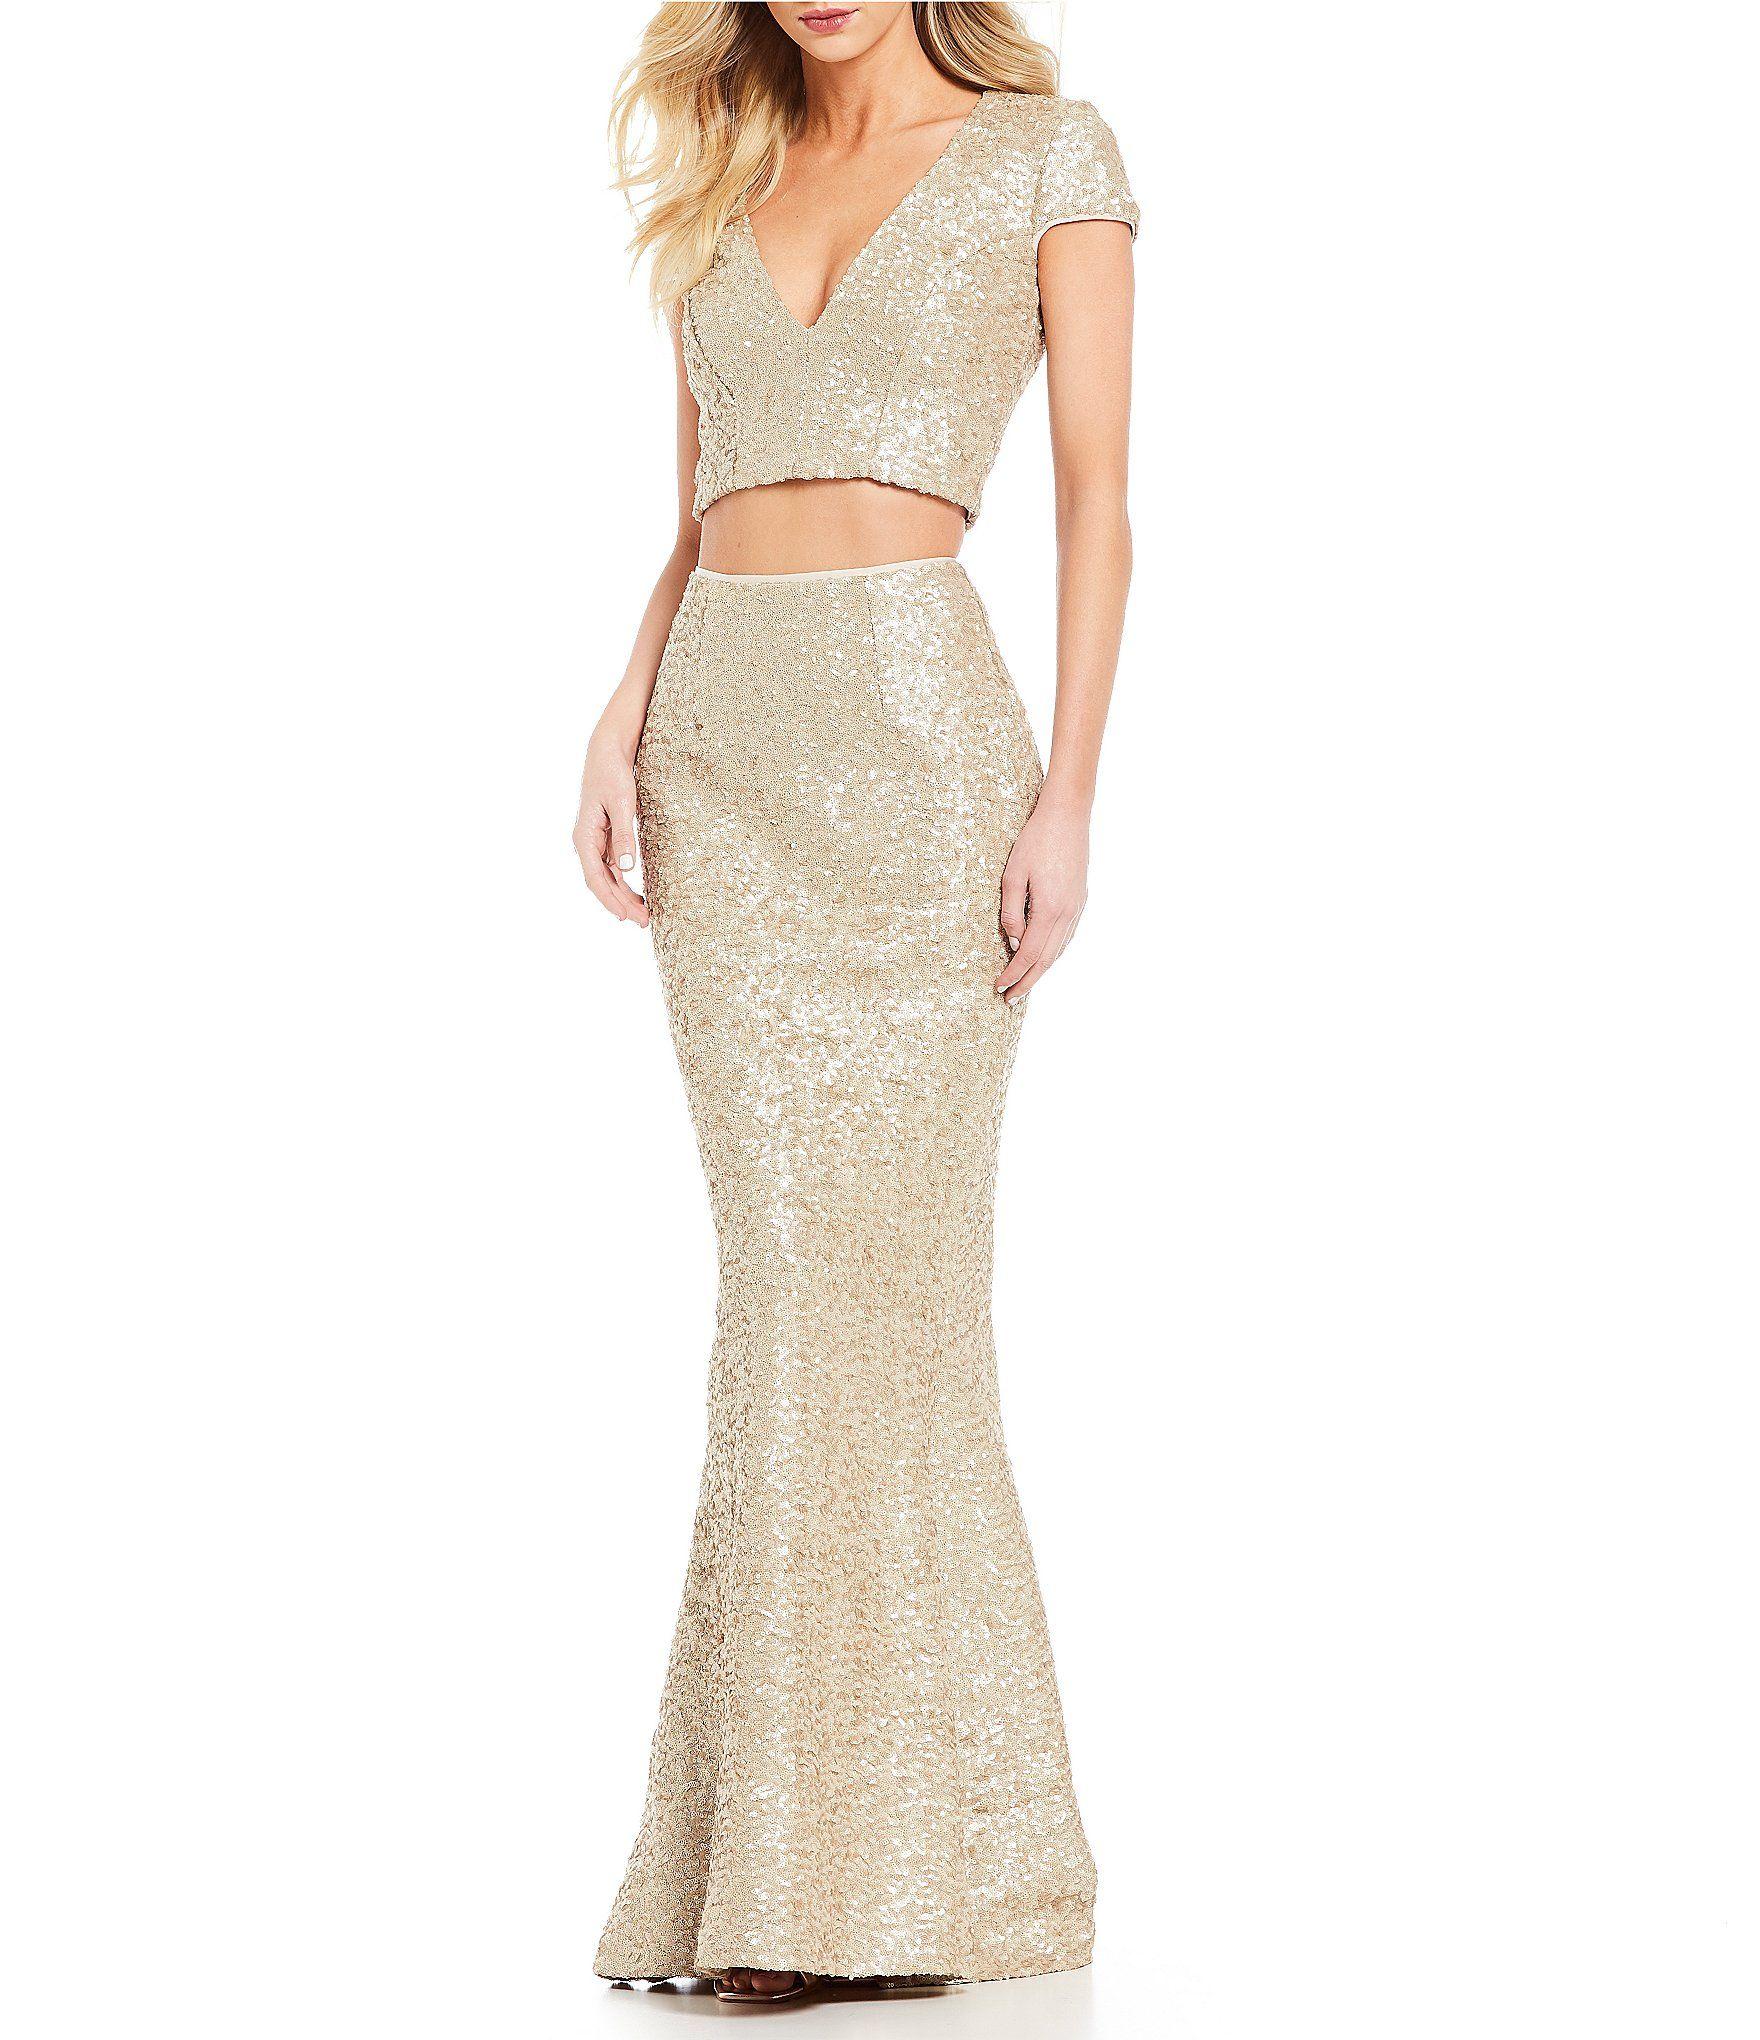 aff6d528ac Dress the Population Cara Sequin Top and Skirt Set  Dillards ...